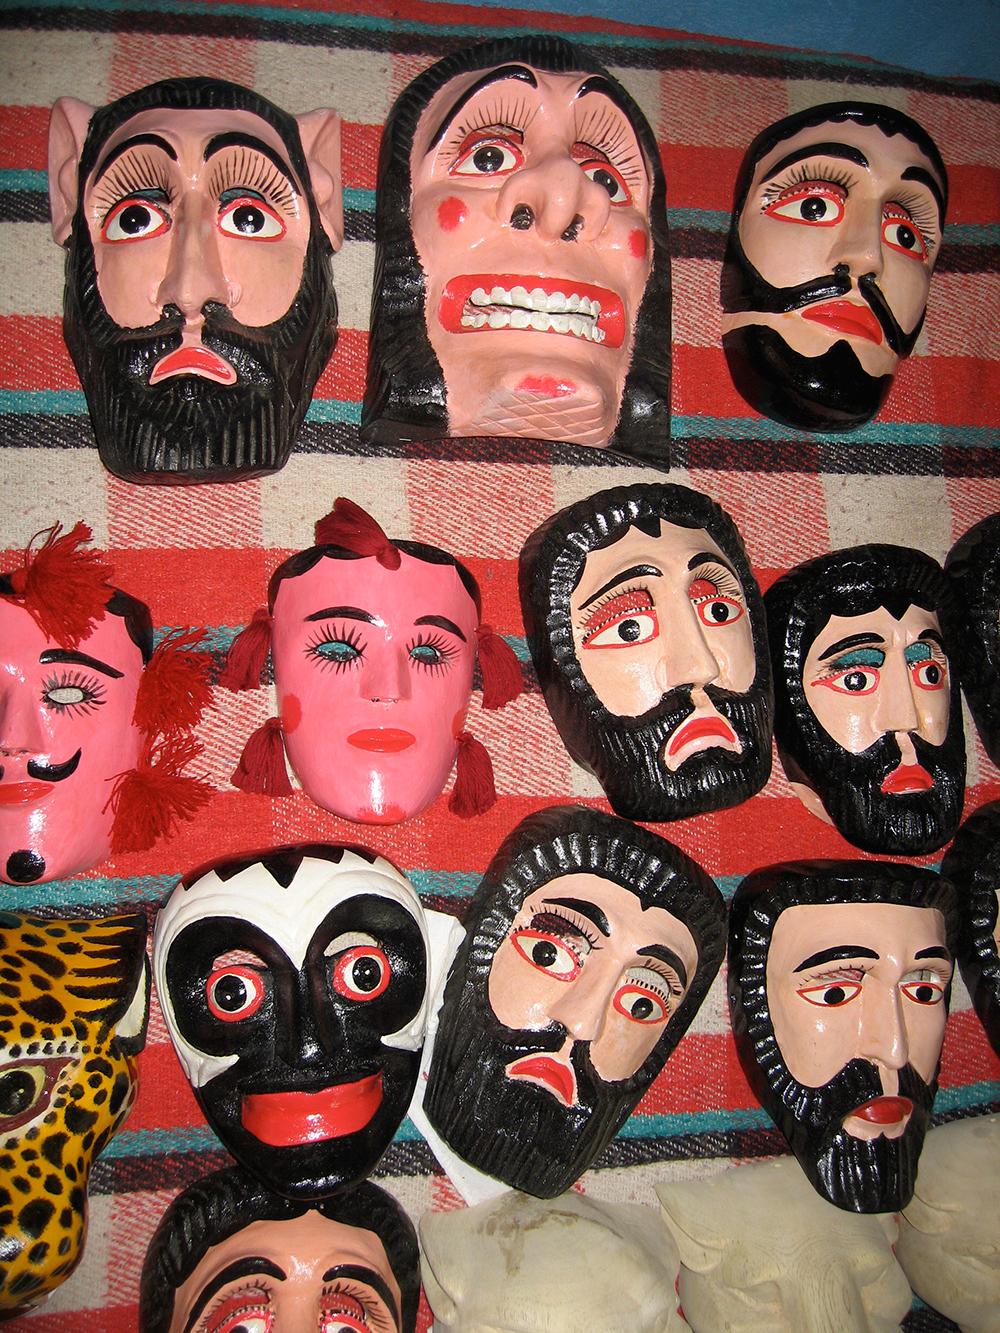 masks-on-bed.jpg